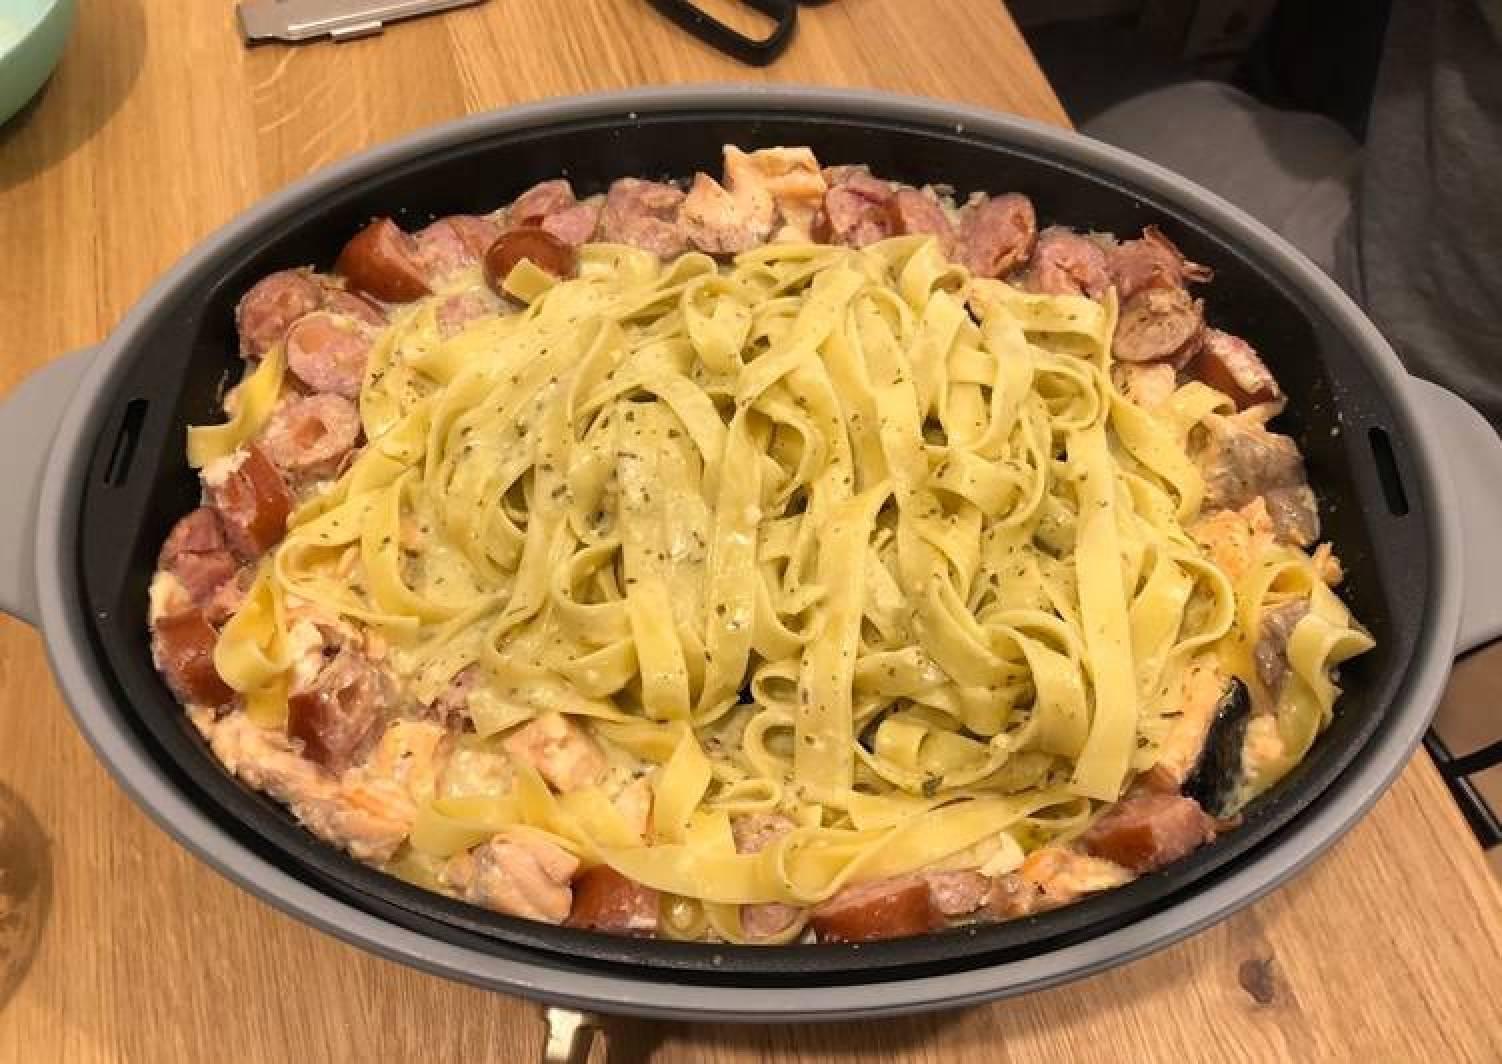 Fettucine with pesto, salmon and sausage